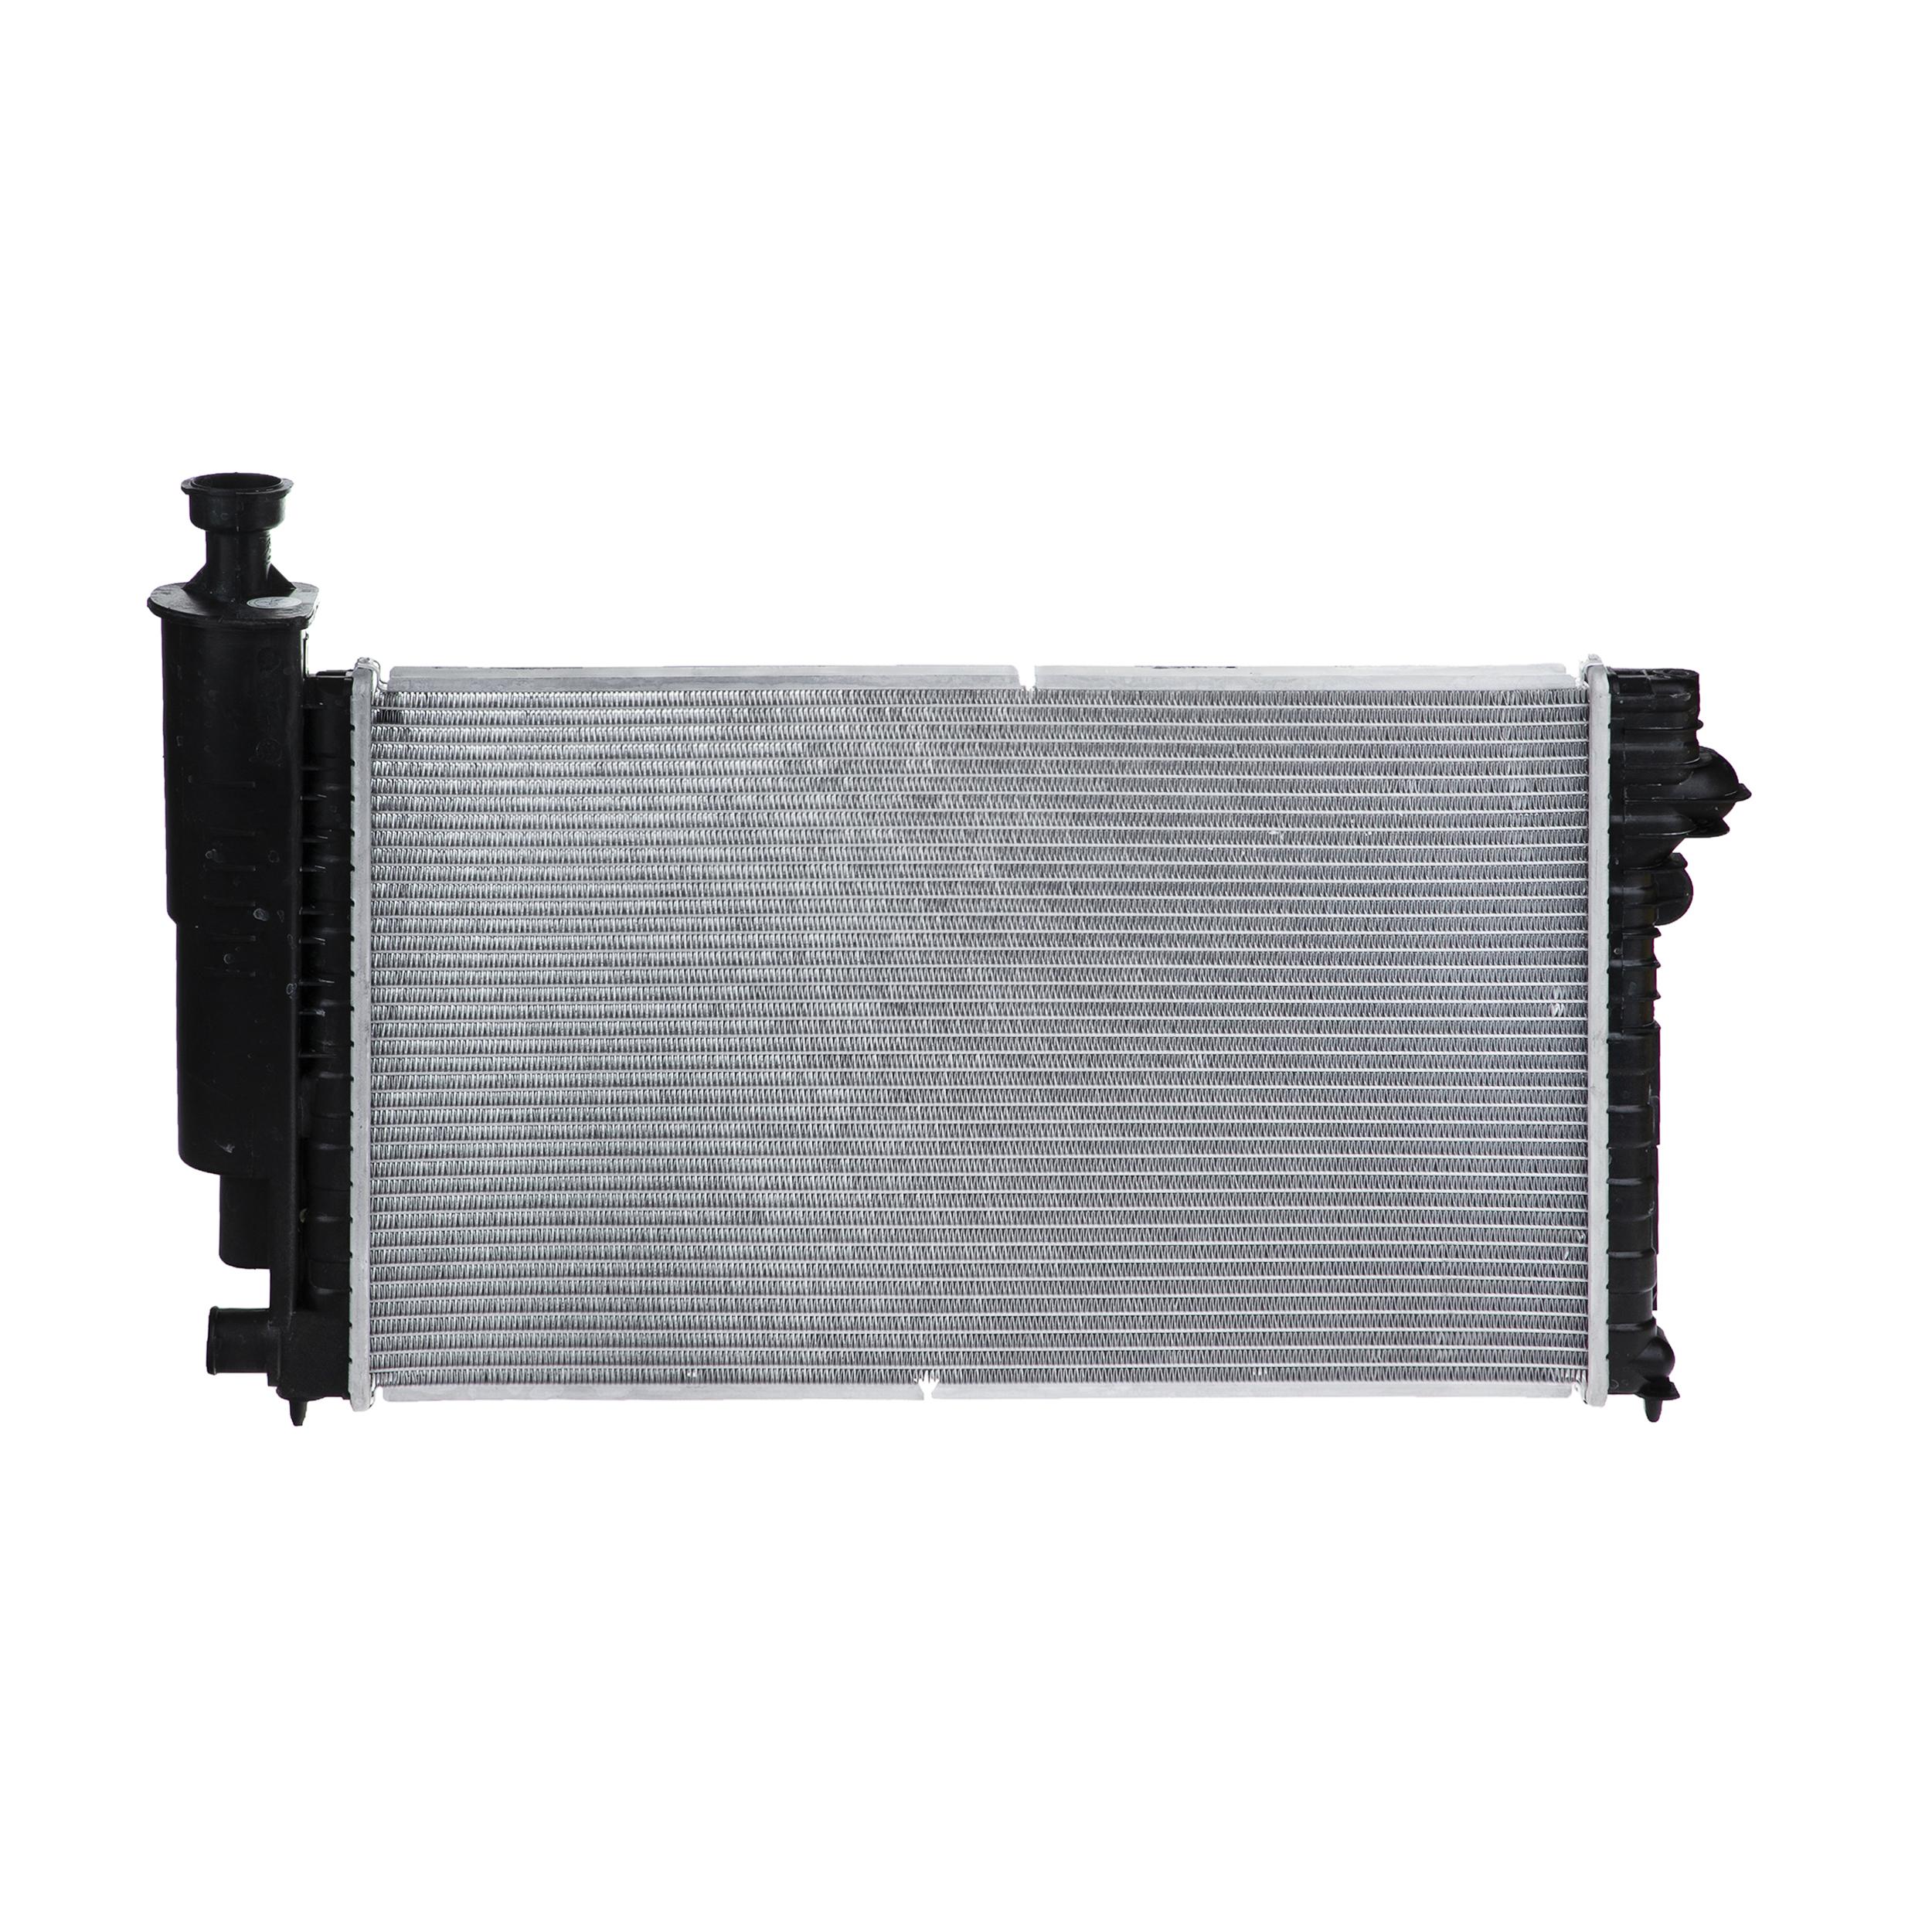 رادیاتور آب کوشش رادیاتور مدل ۰۱ مناسب برای پژو ۴۰۵